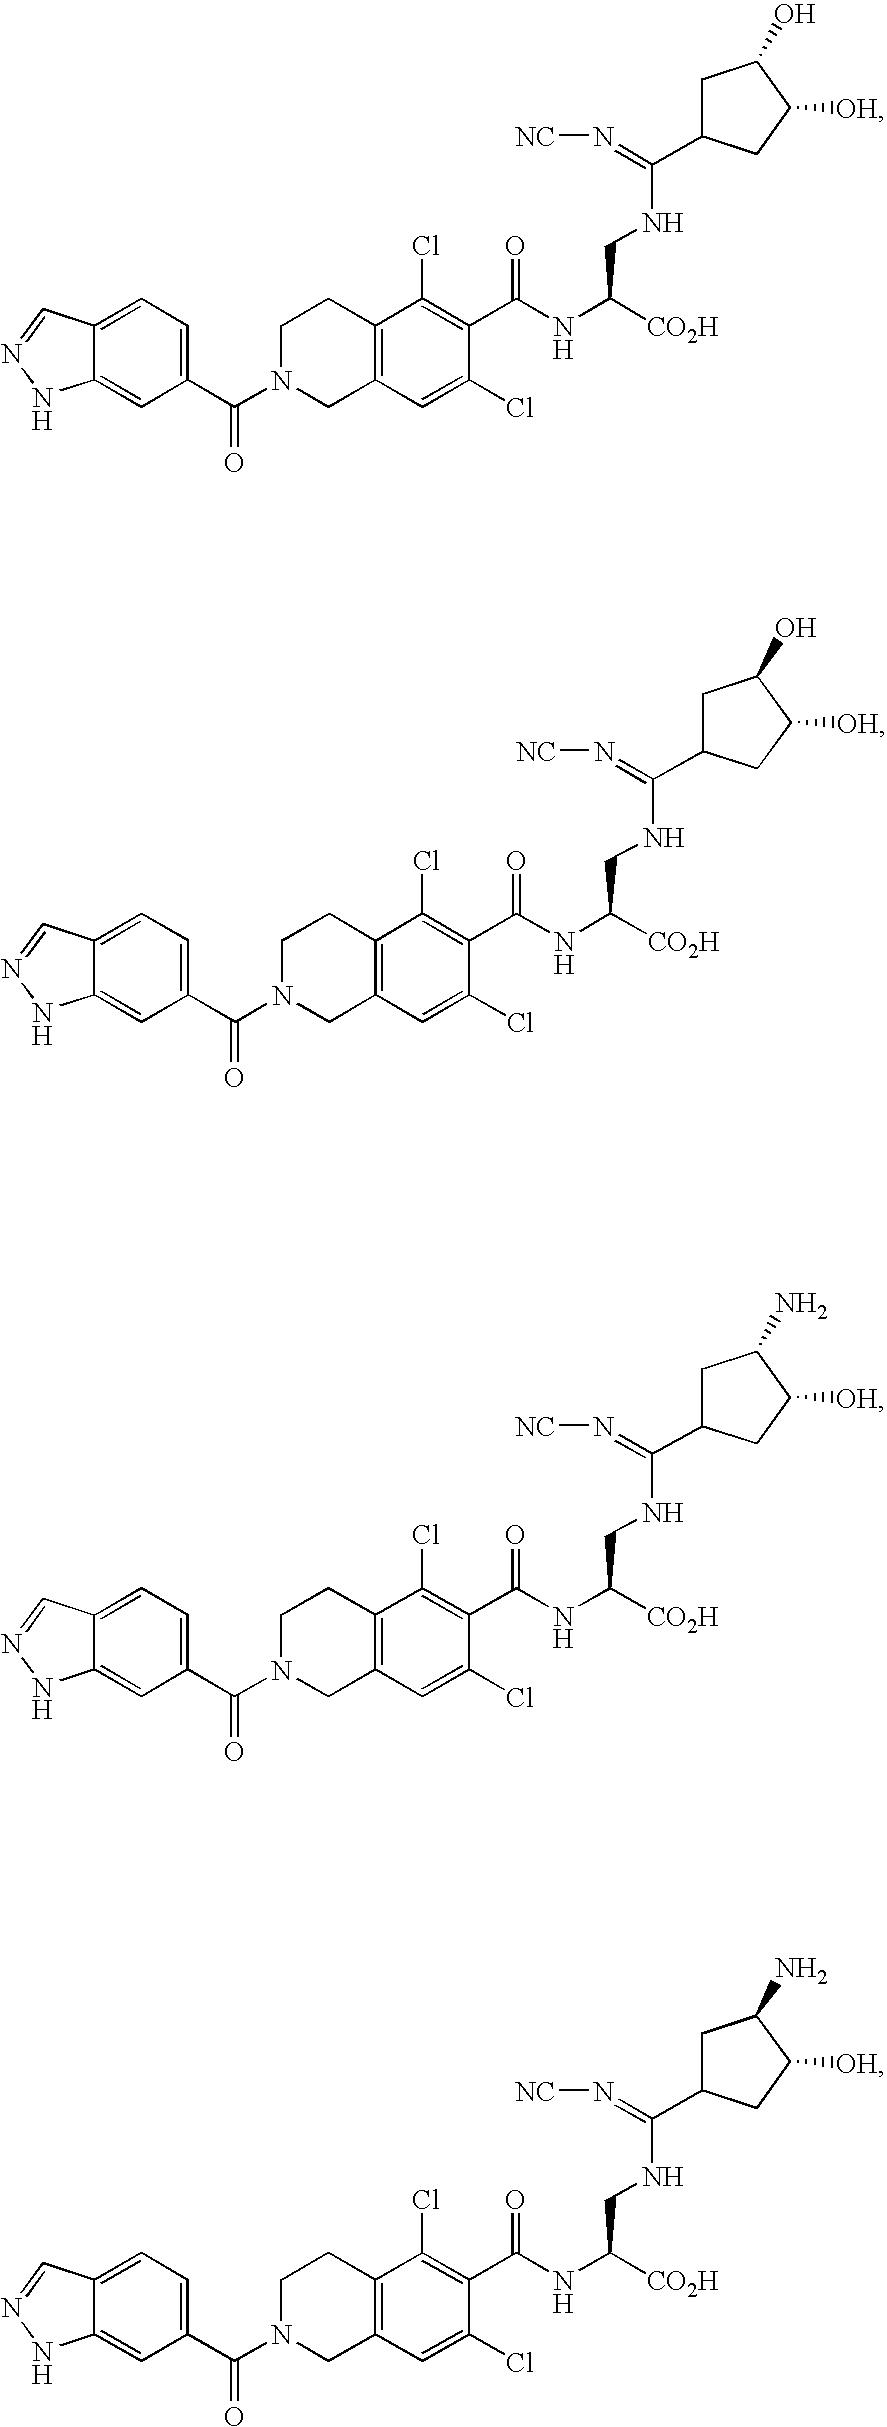 Figure US07790743-20100907-C00266